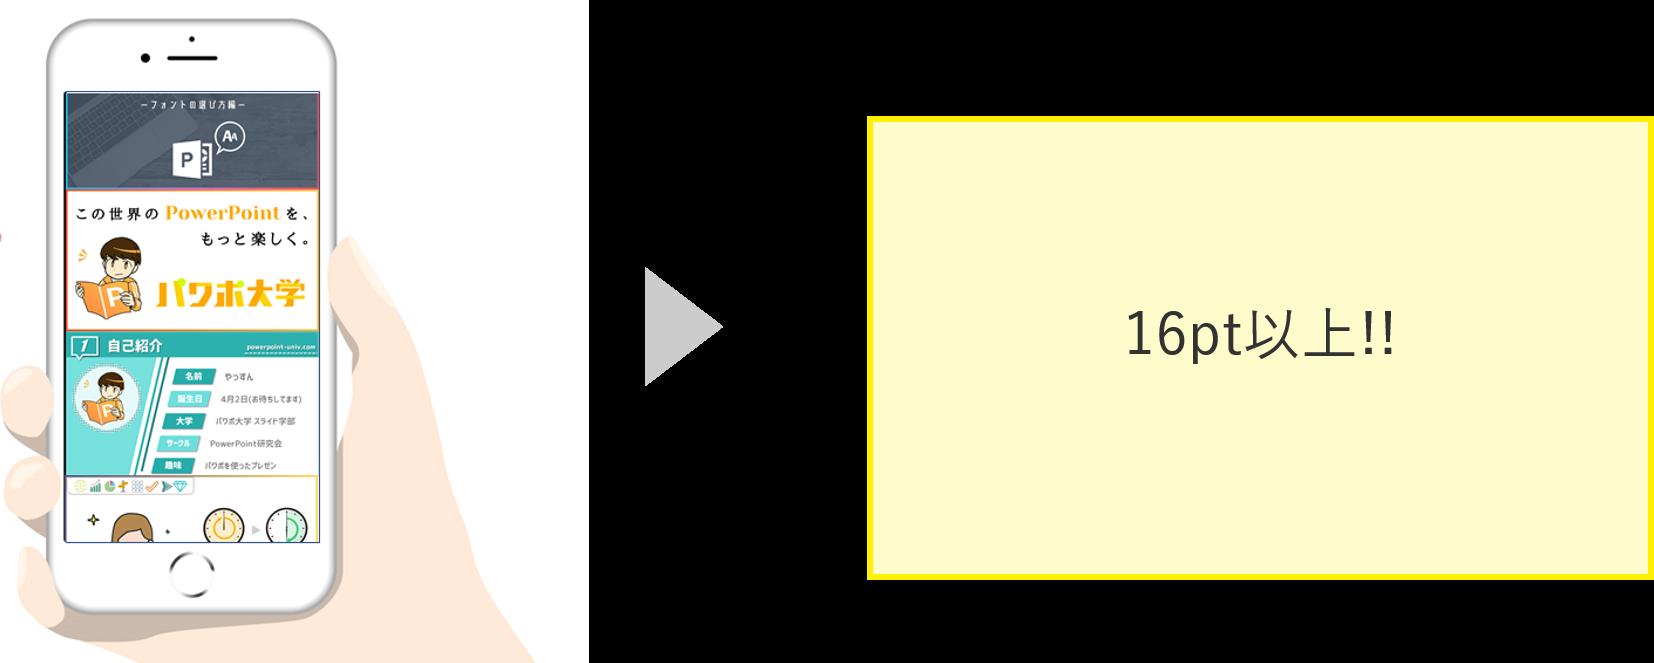 配布資料にした際のフォントサイズ